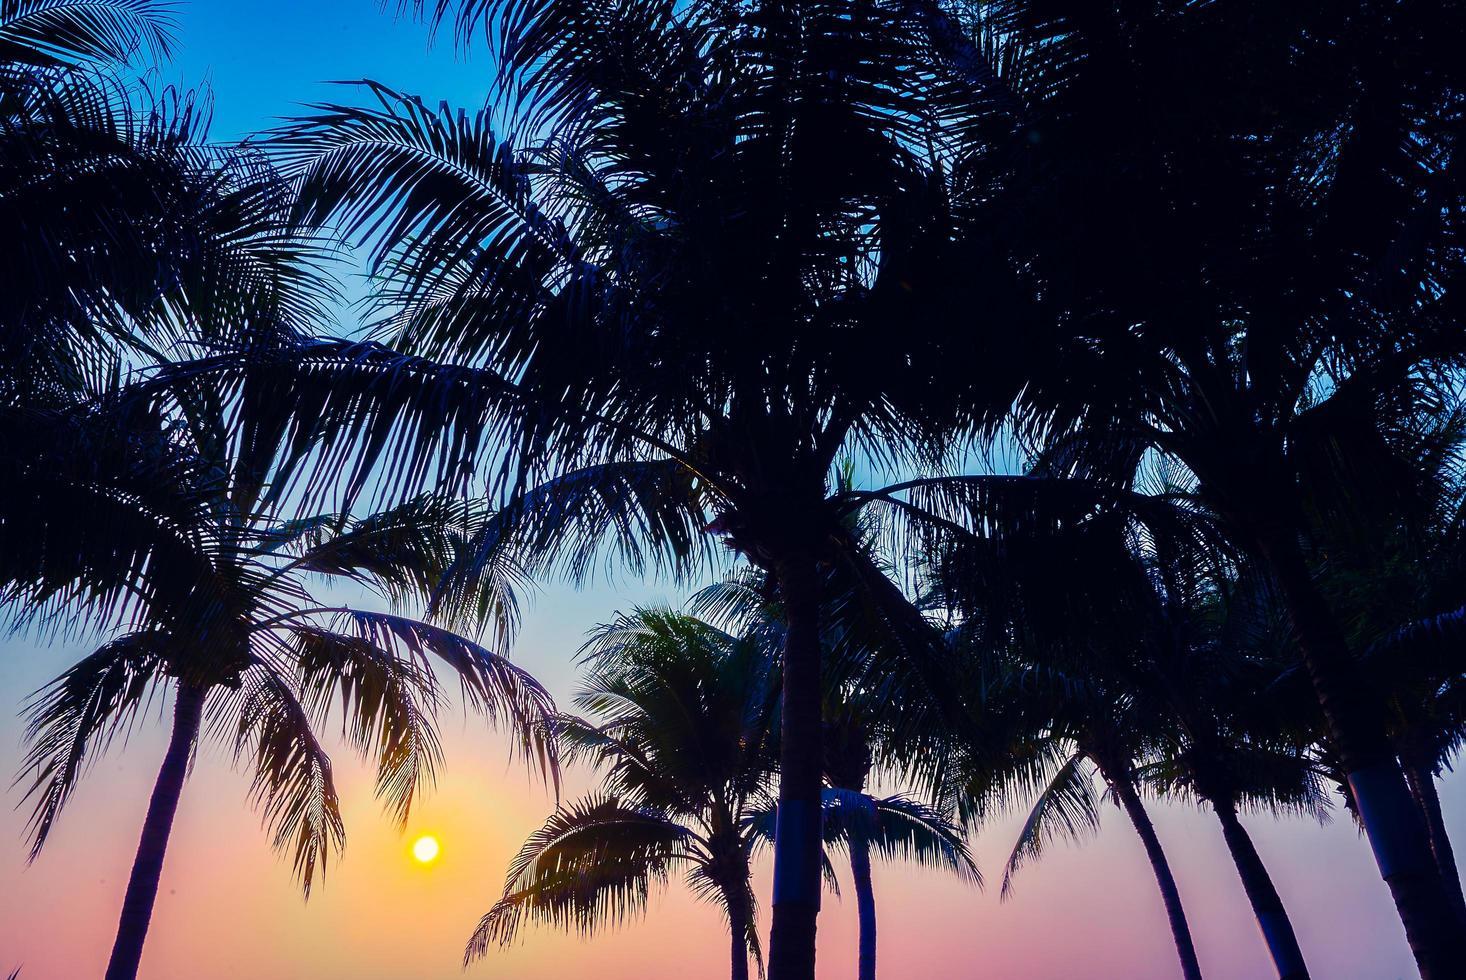 silueta de palmeras foto